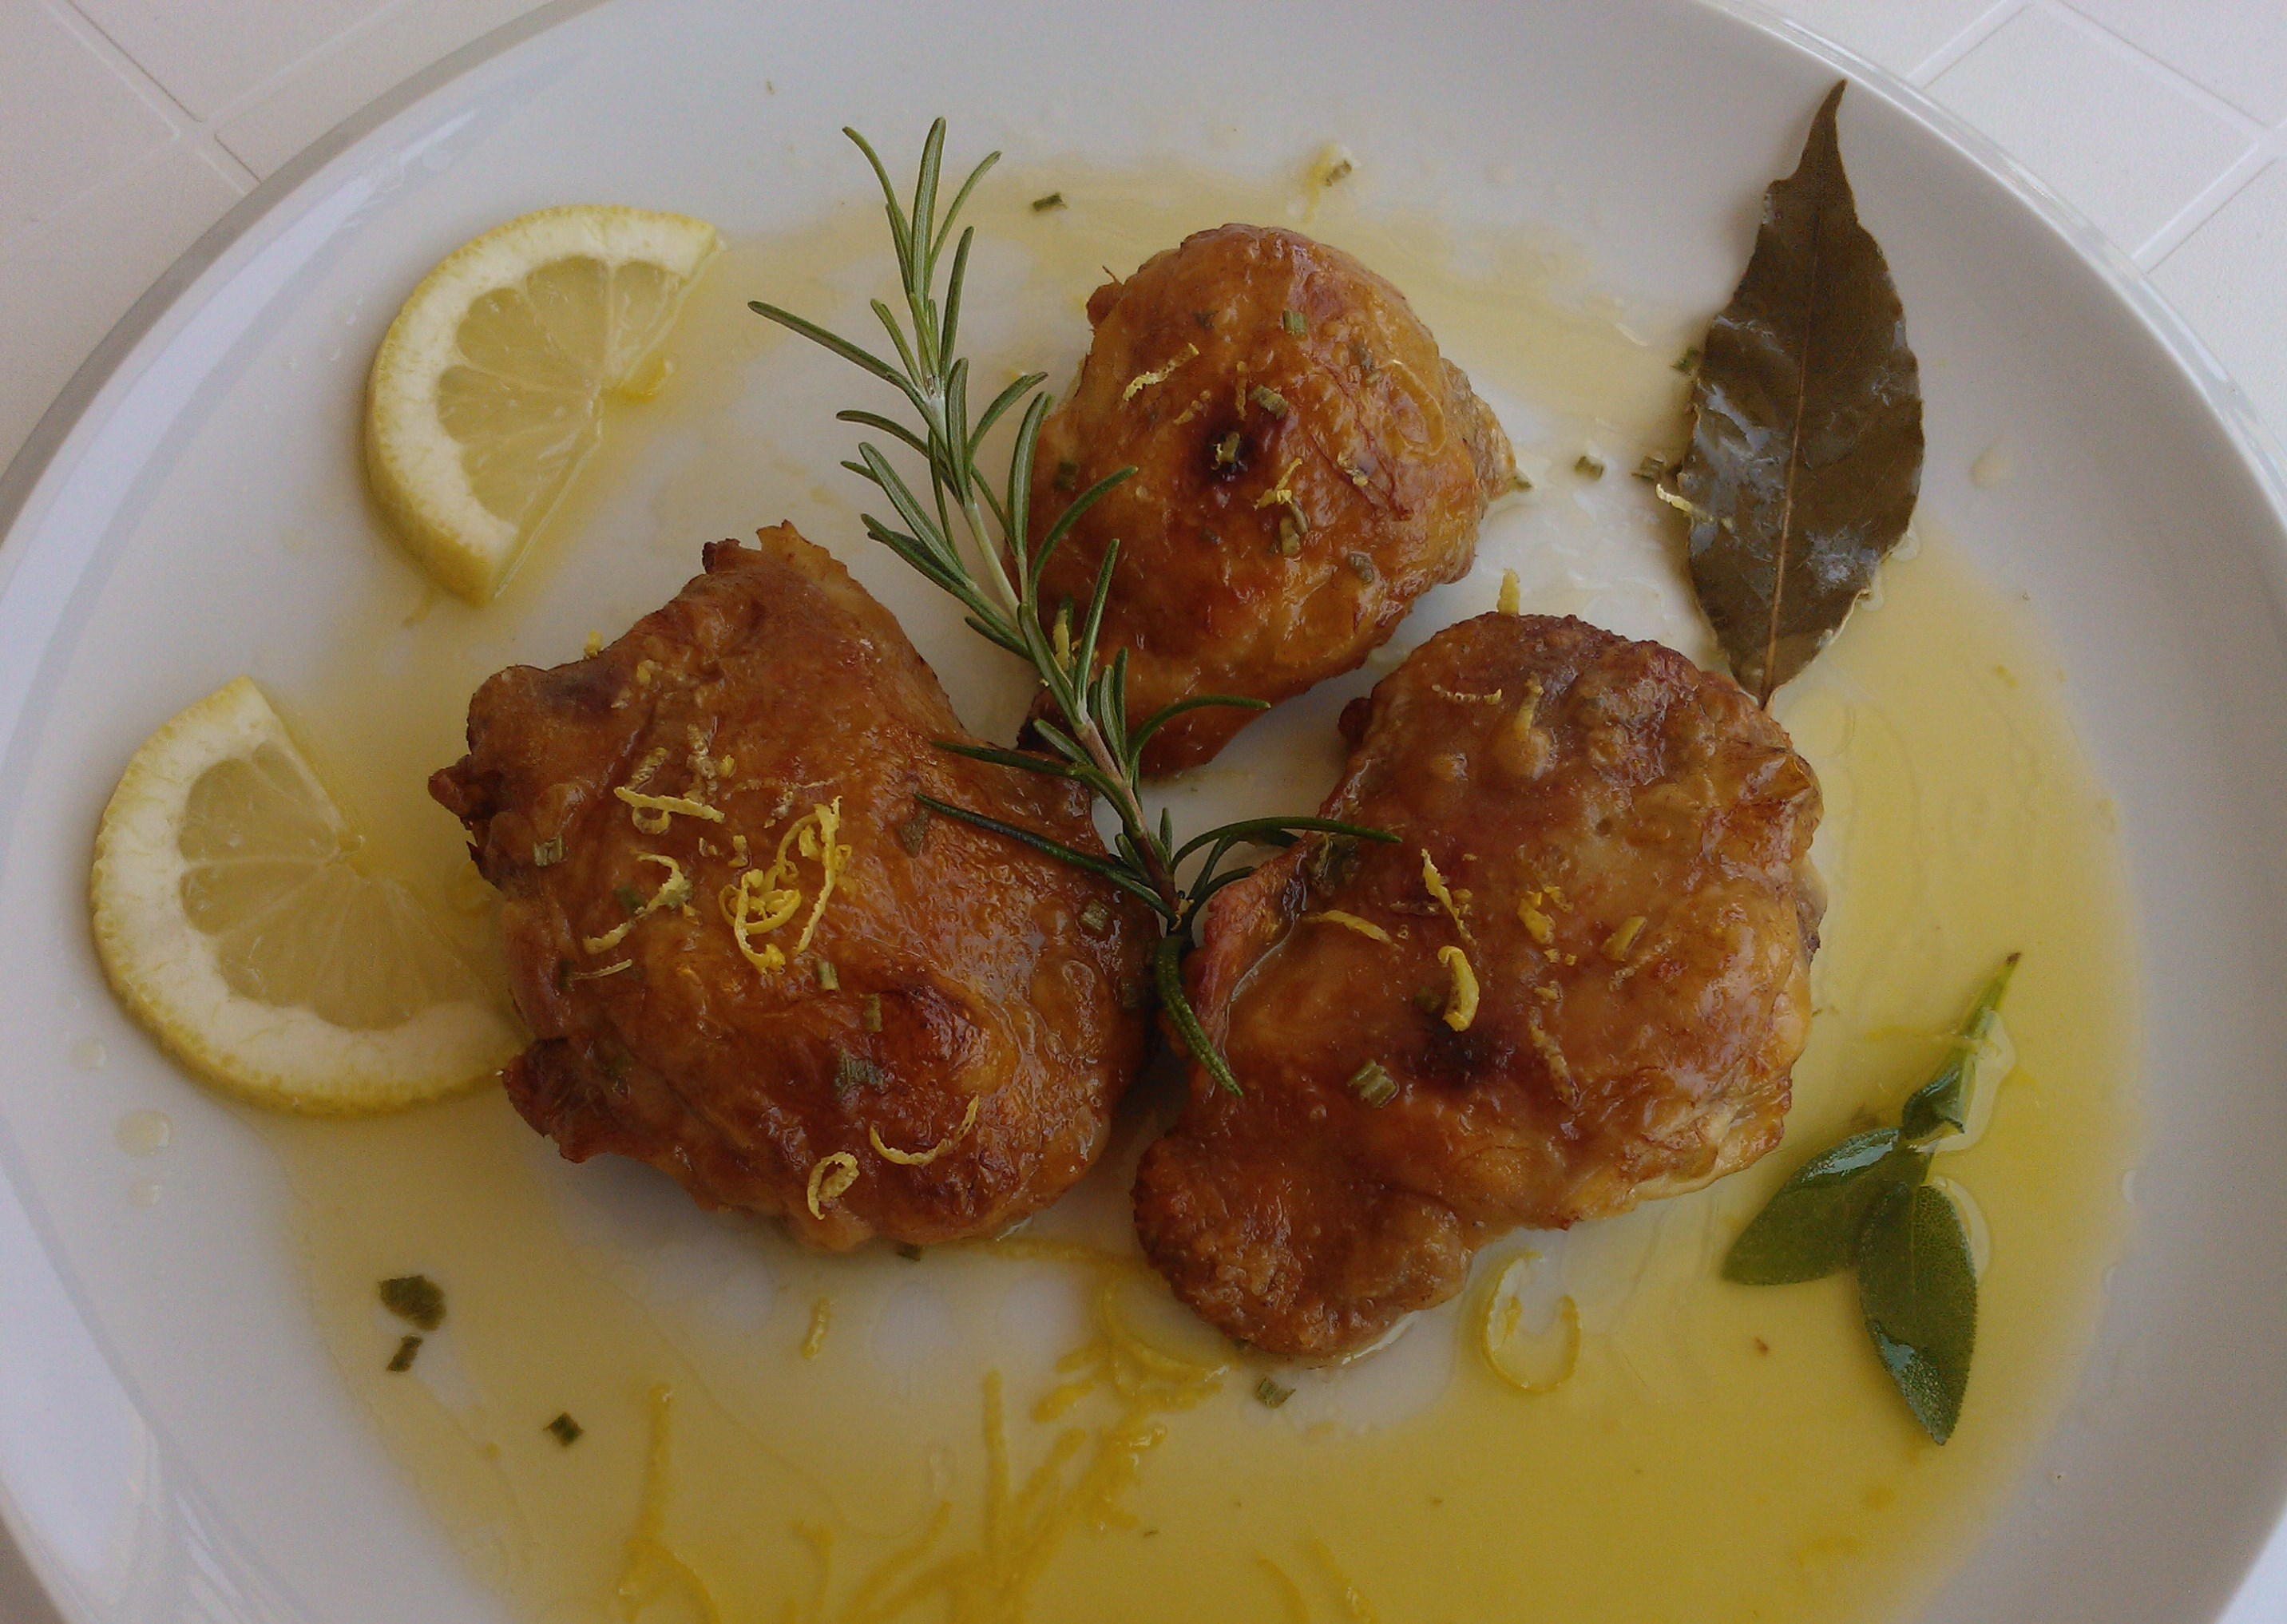 Sovracoscie di pollo al limone rosmarino e salvia